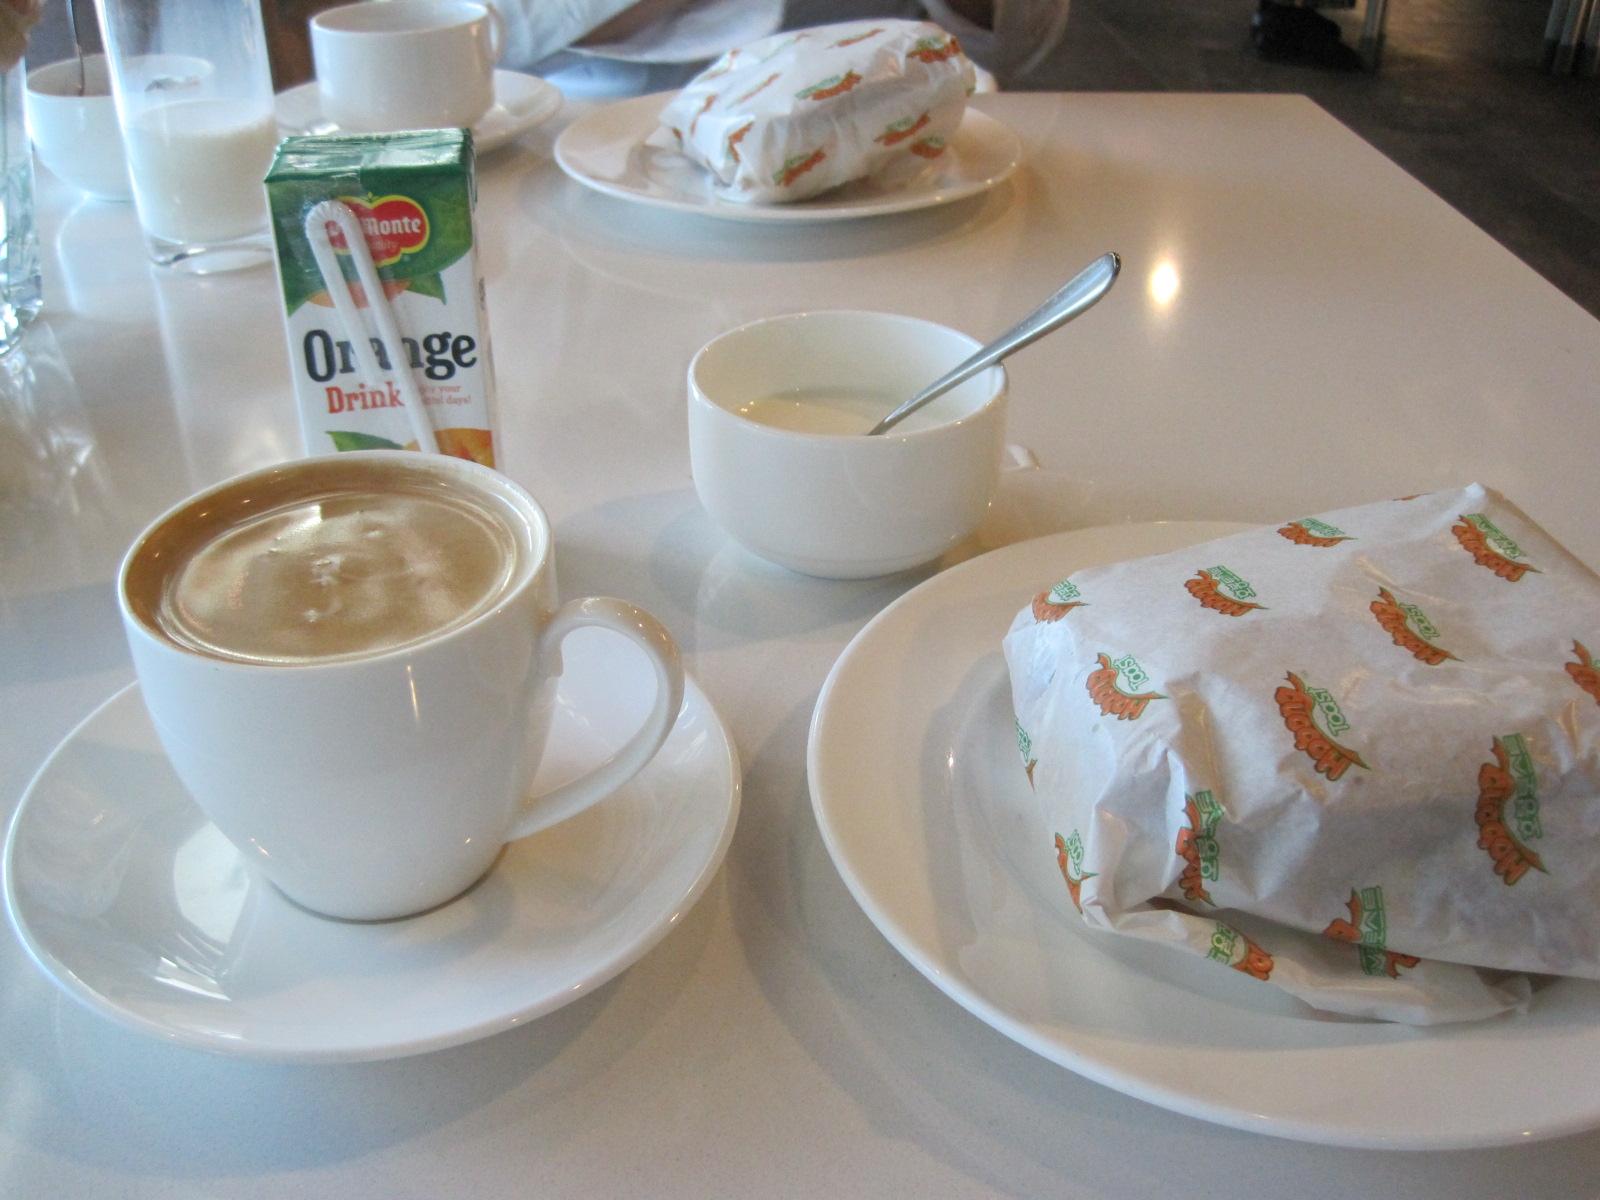 初めてのソウル ♪ ⑦ ホボントーストの朝食 南大門市場でお買い物!_f0236260_19174254.jpg